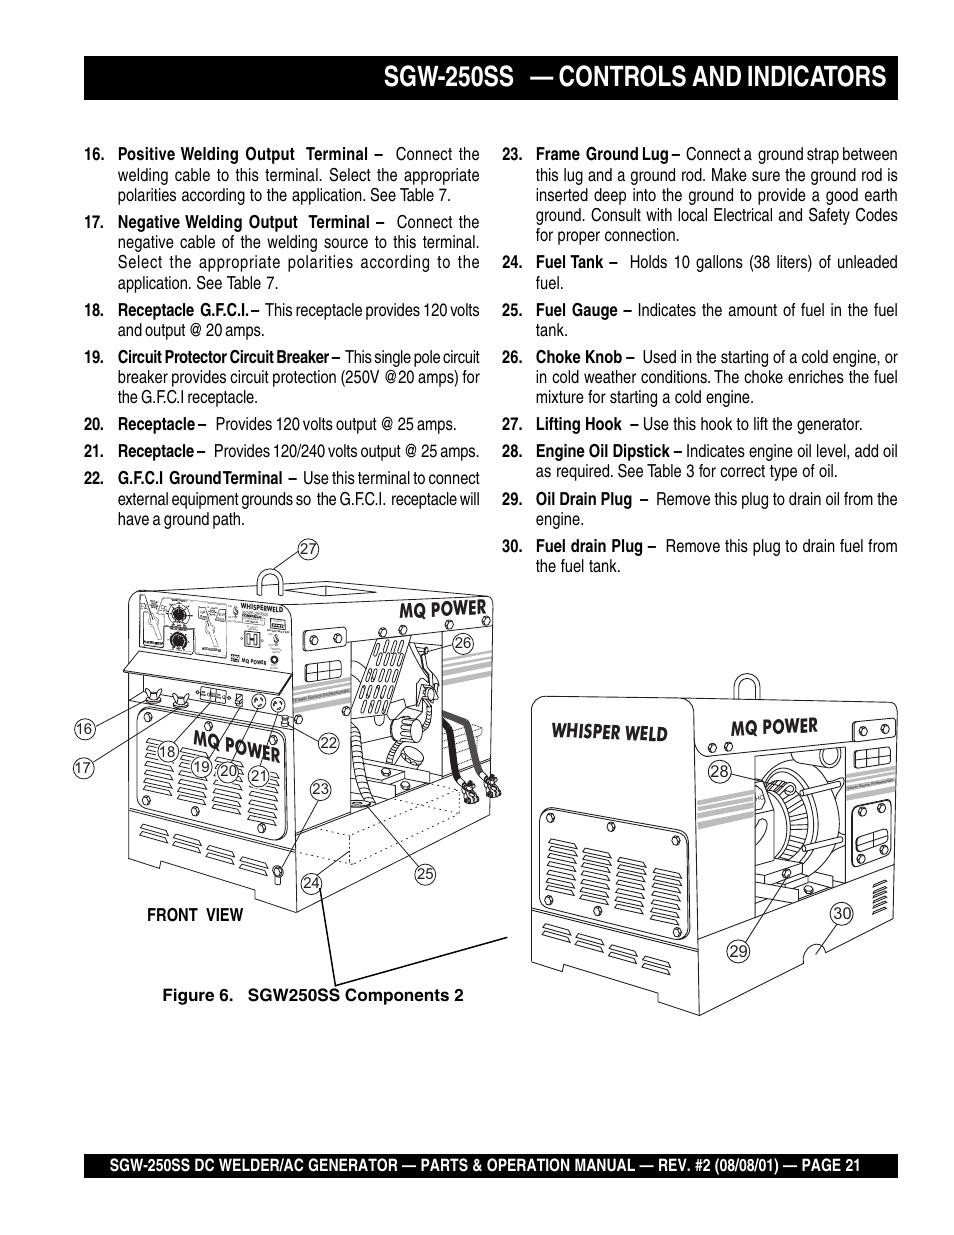 инструкция на генератор whisper